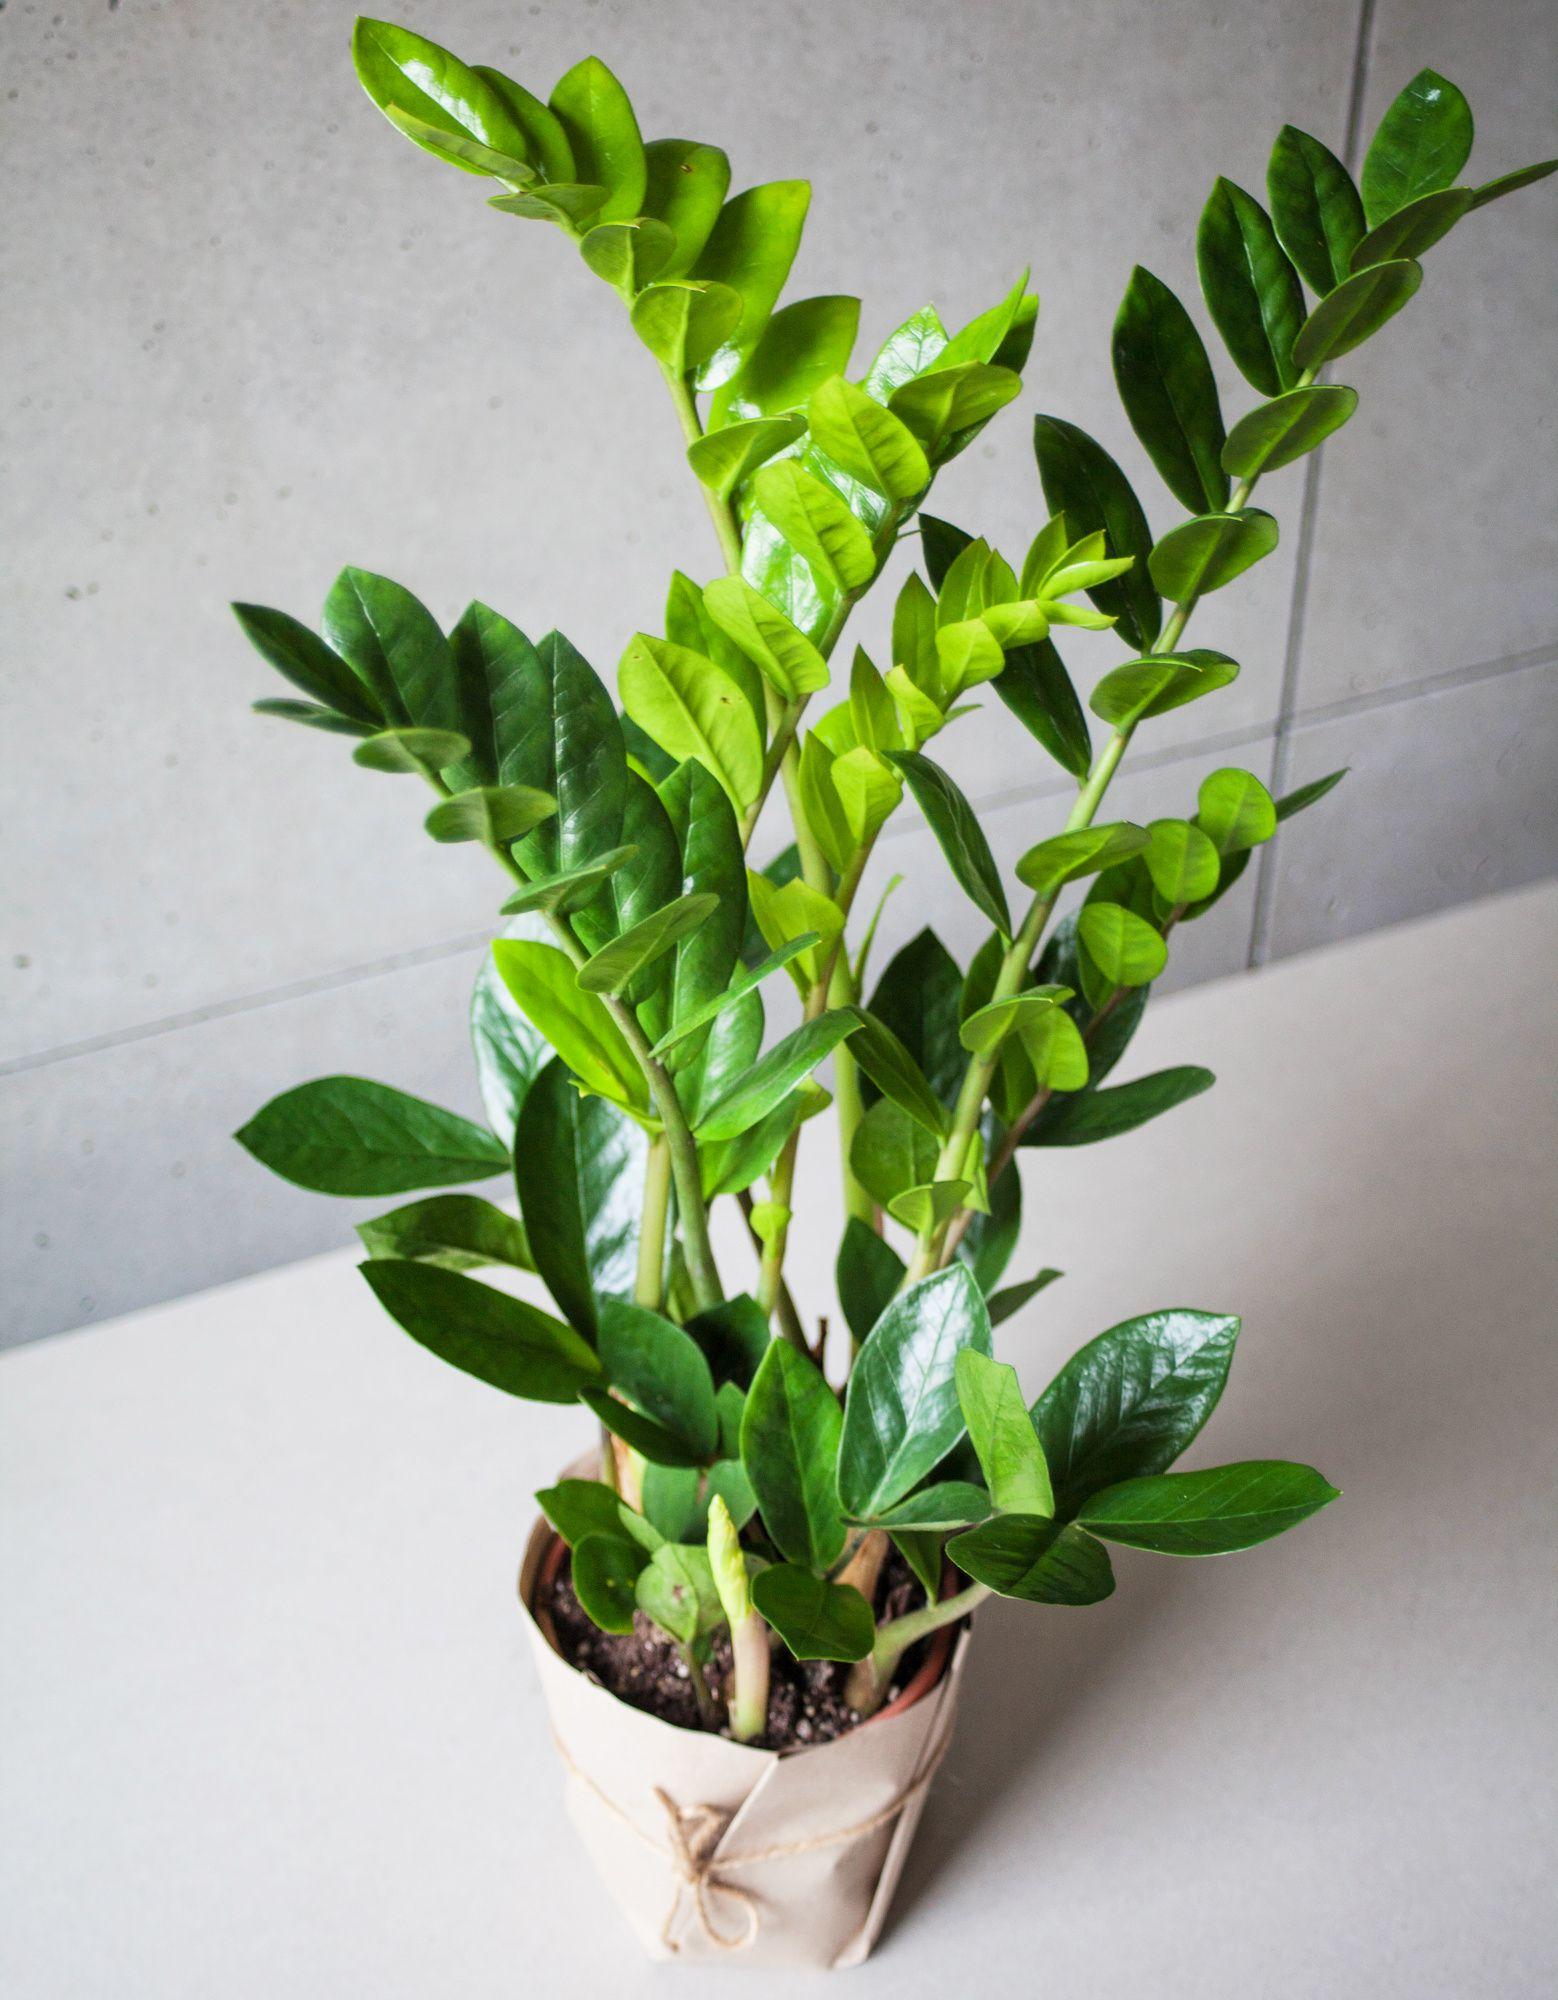 Zamiokulkas Zelazna Roslinka Container Gardening Flowers Plants Geraniums